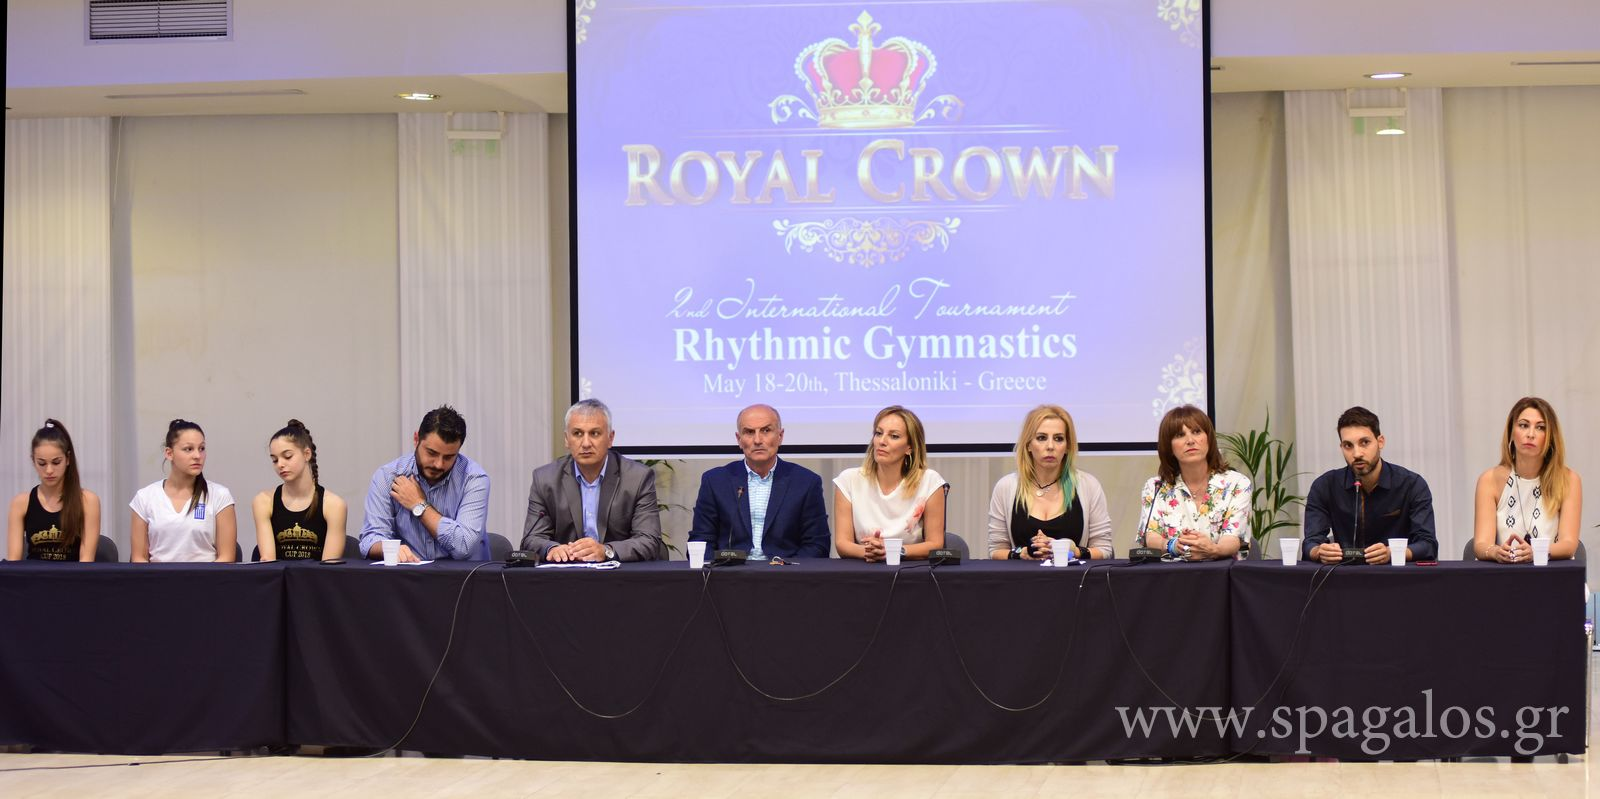 royalcrown2018_pressconf_1